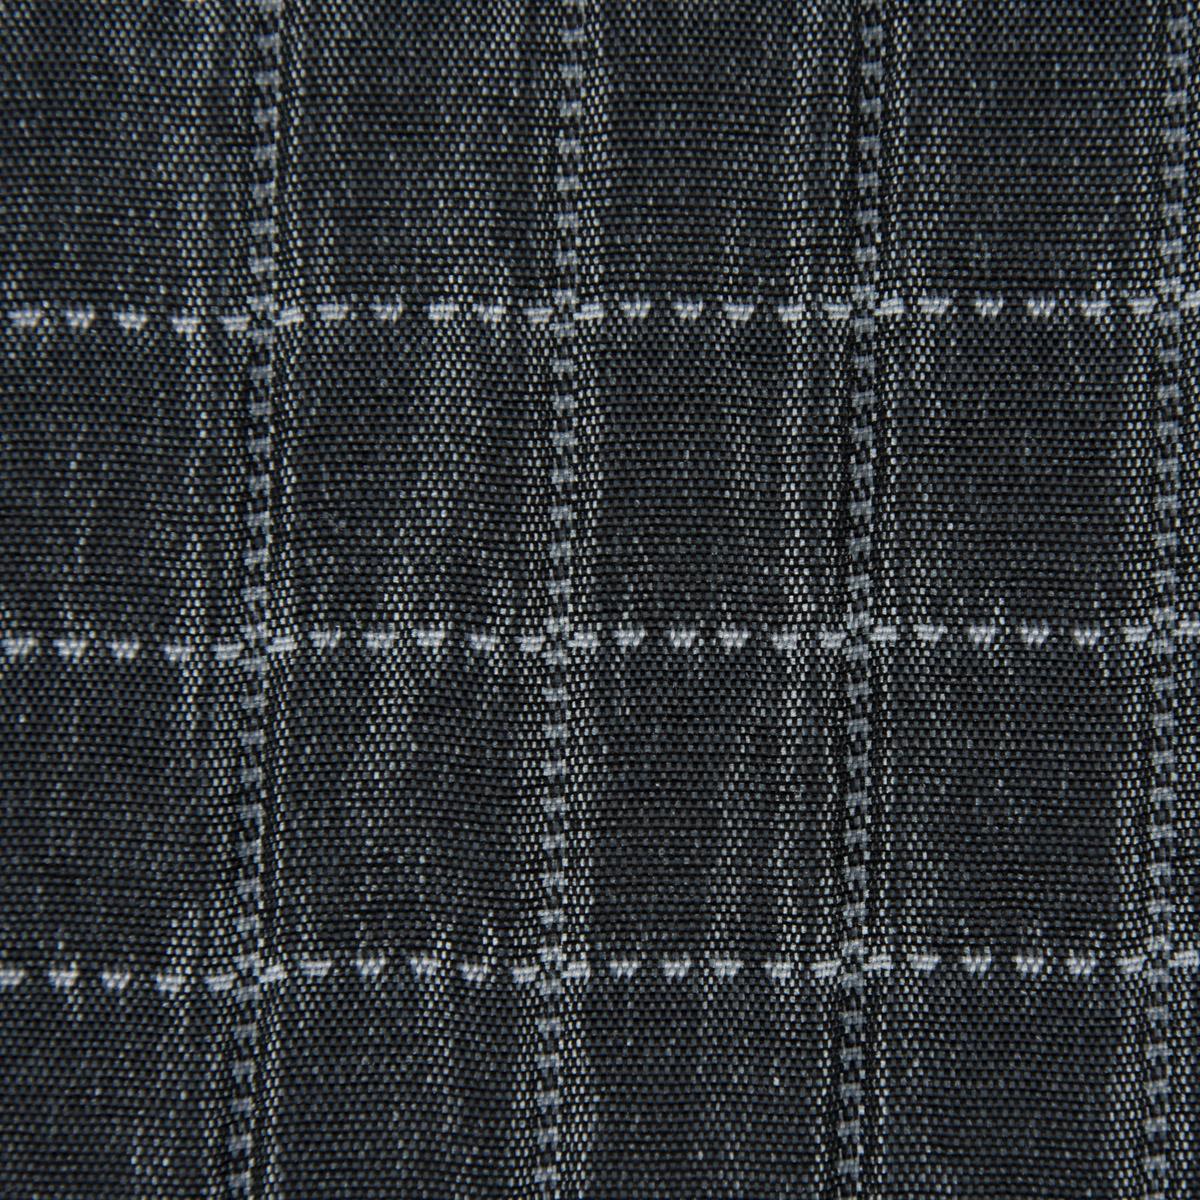 Dekostoff Plaidstoff Steppstoff Überwurf Fliesen Quadrate überbreit graublau weiß 2,80m Breite